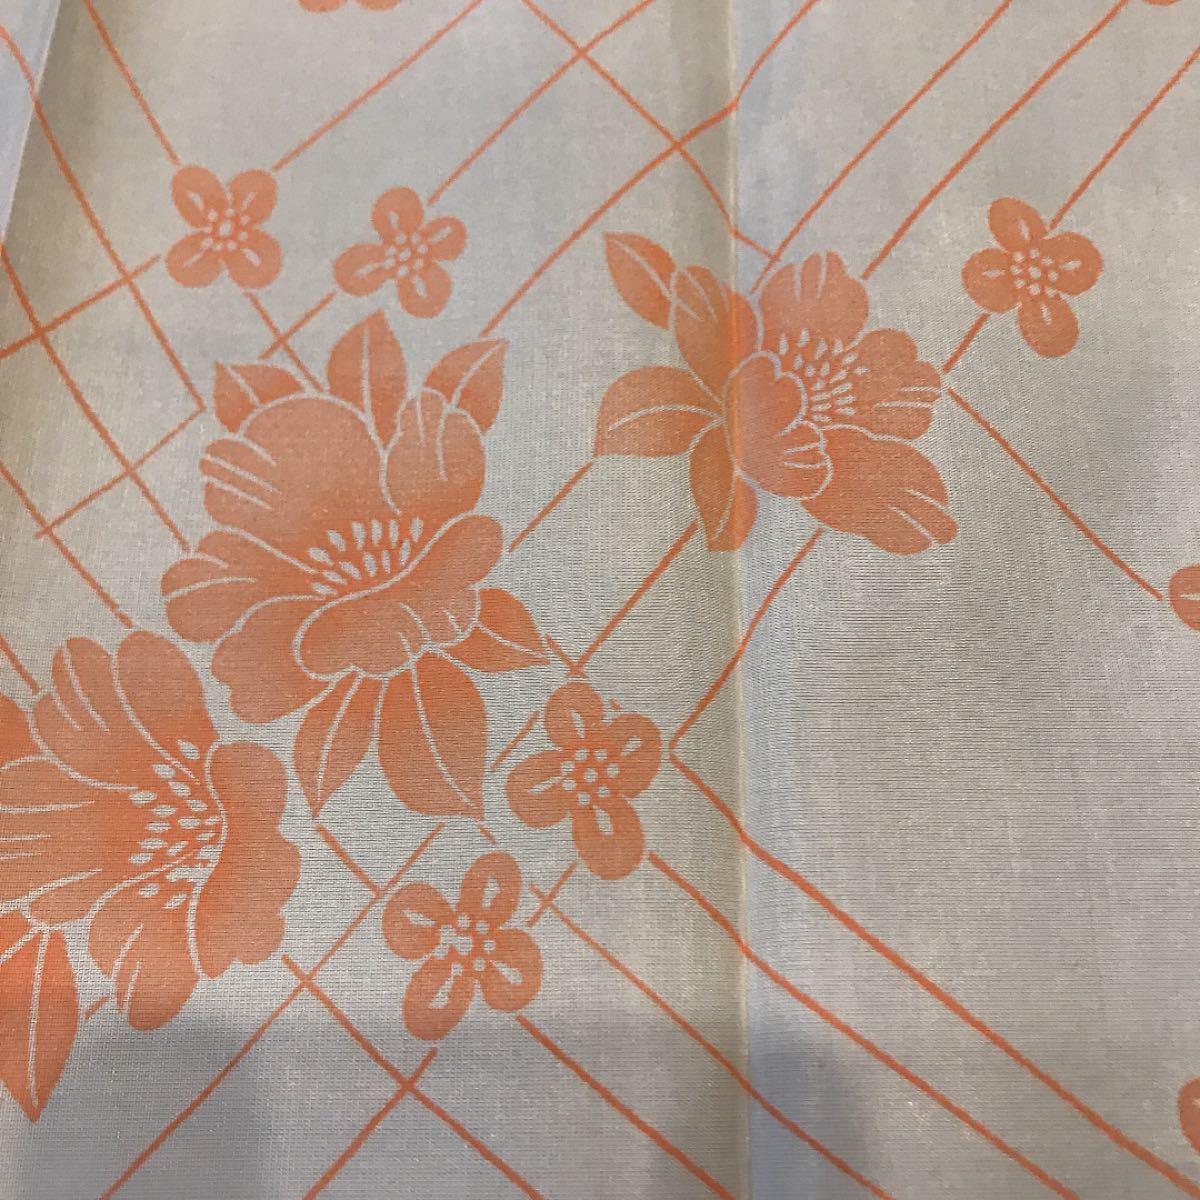 22 布 生地 着物 ハギレ 手作り ハンドメイド 花 オレンジ